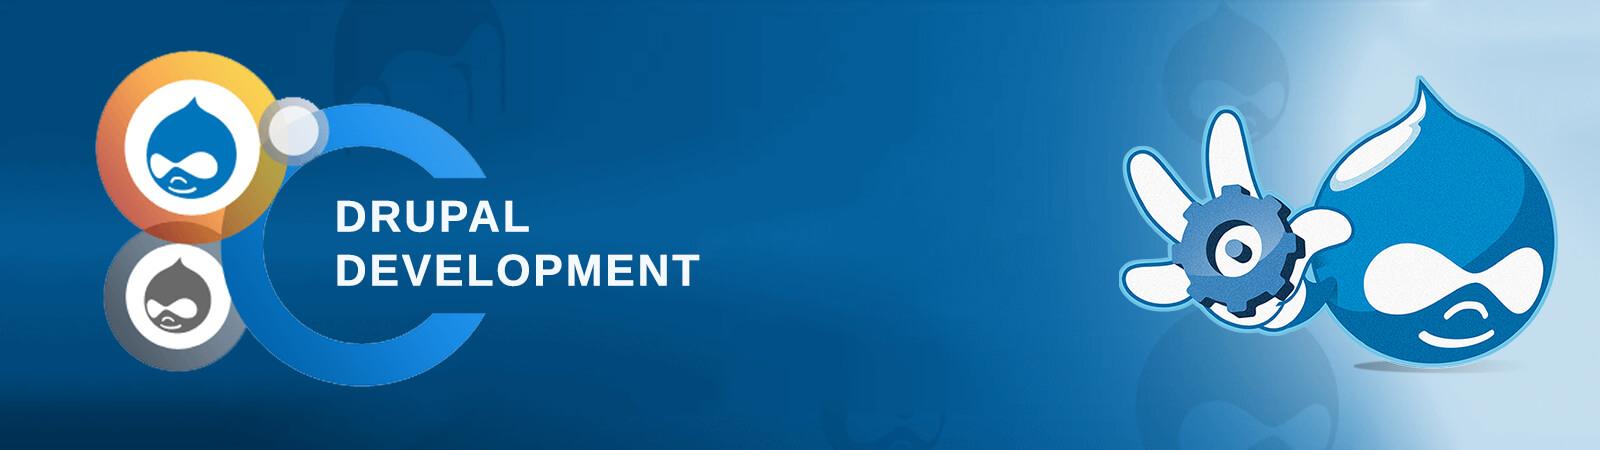 drupal-development-company